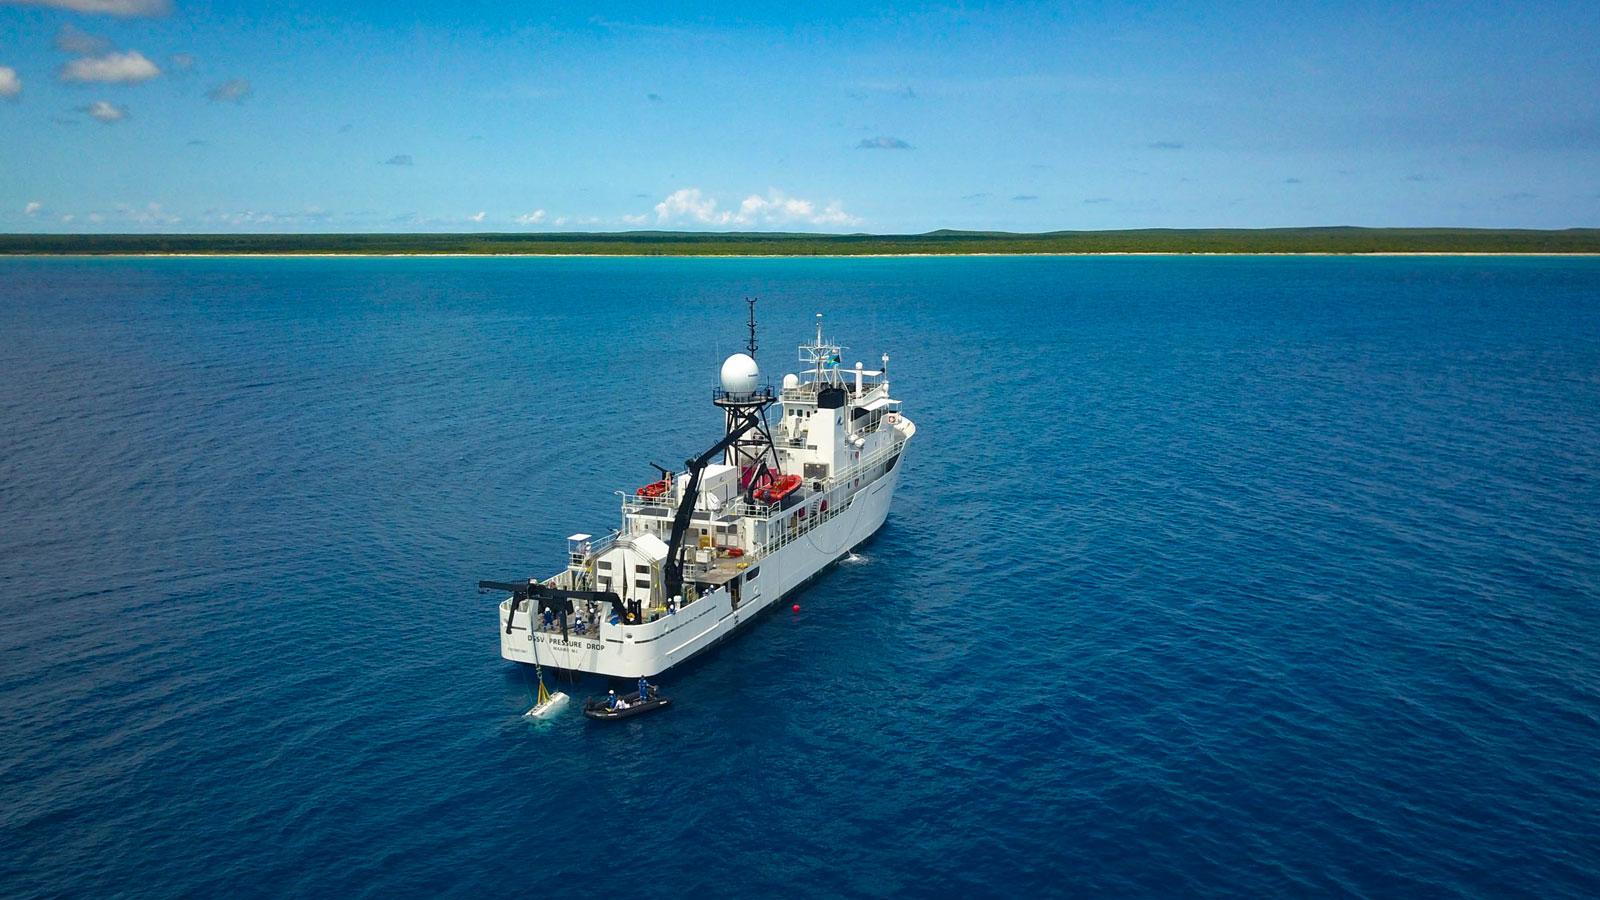 on-board-pressure-drop-explorer-victor-vescovo-five-deeps-expedition